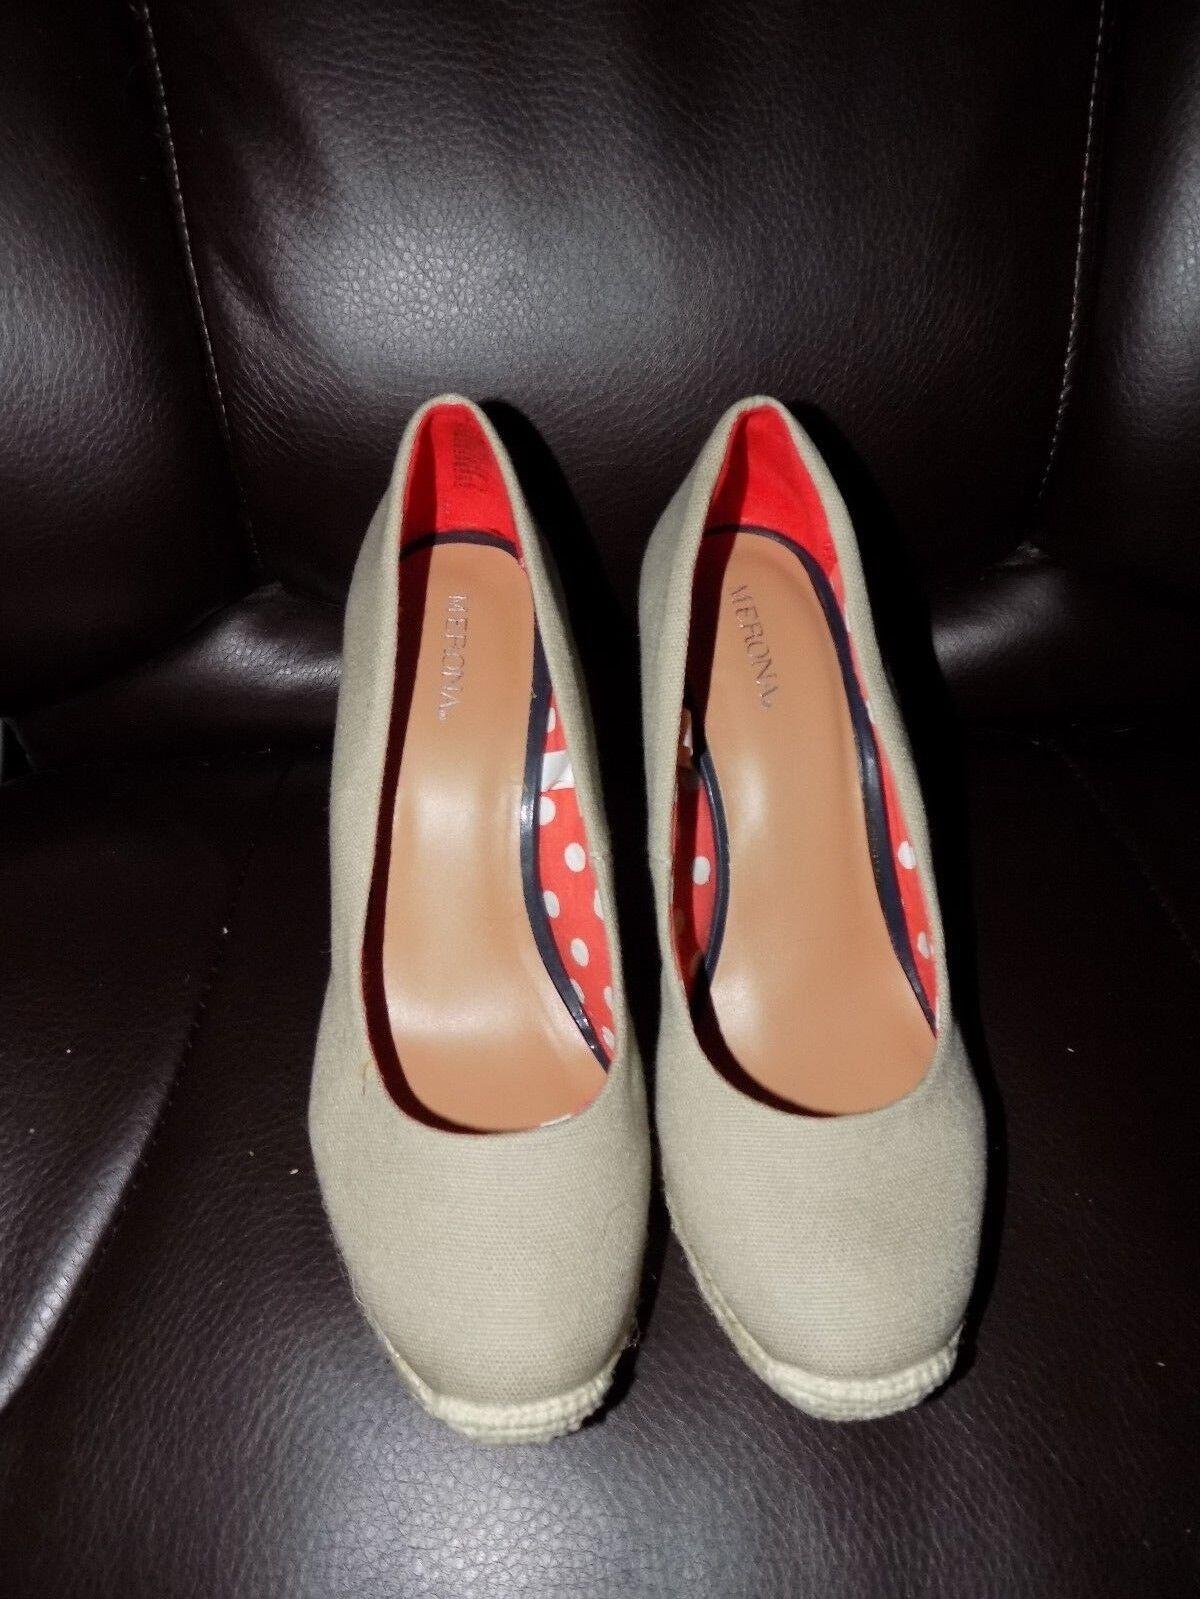 Merona Size Beige Canvas Sisal Wedge Shoes Size Merona 7 Women's EUC c42d4e